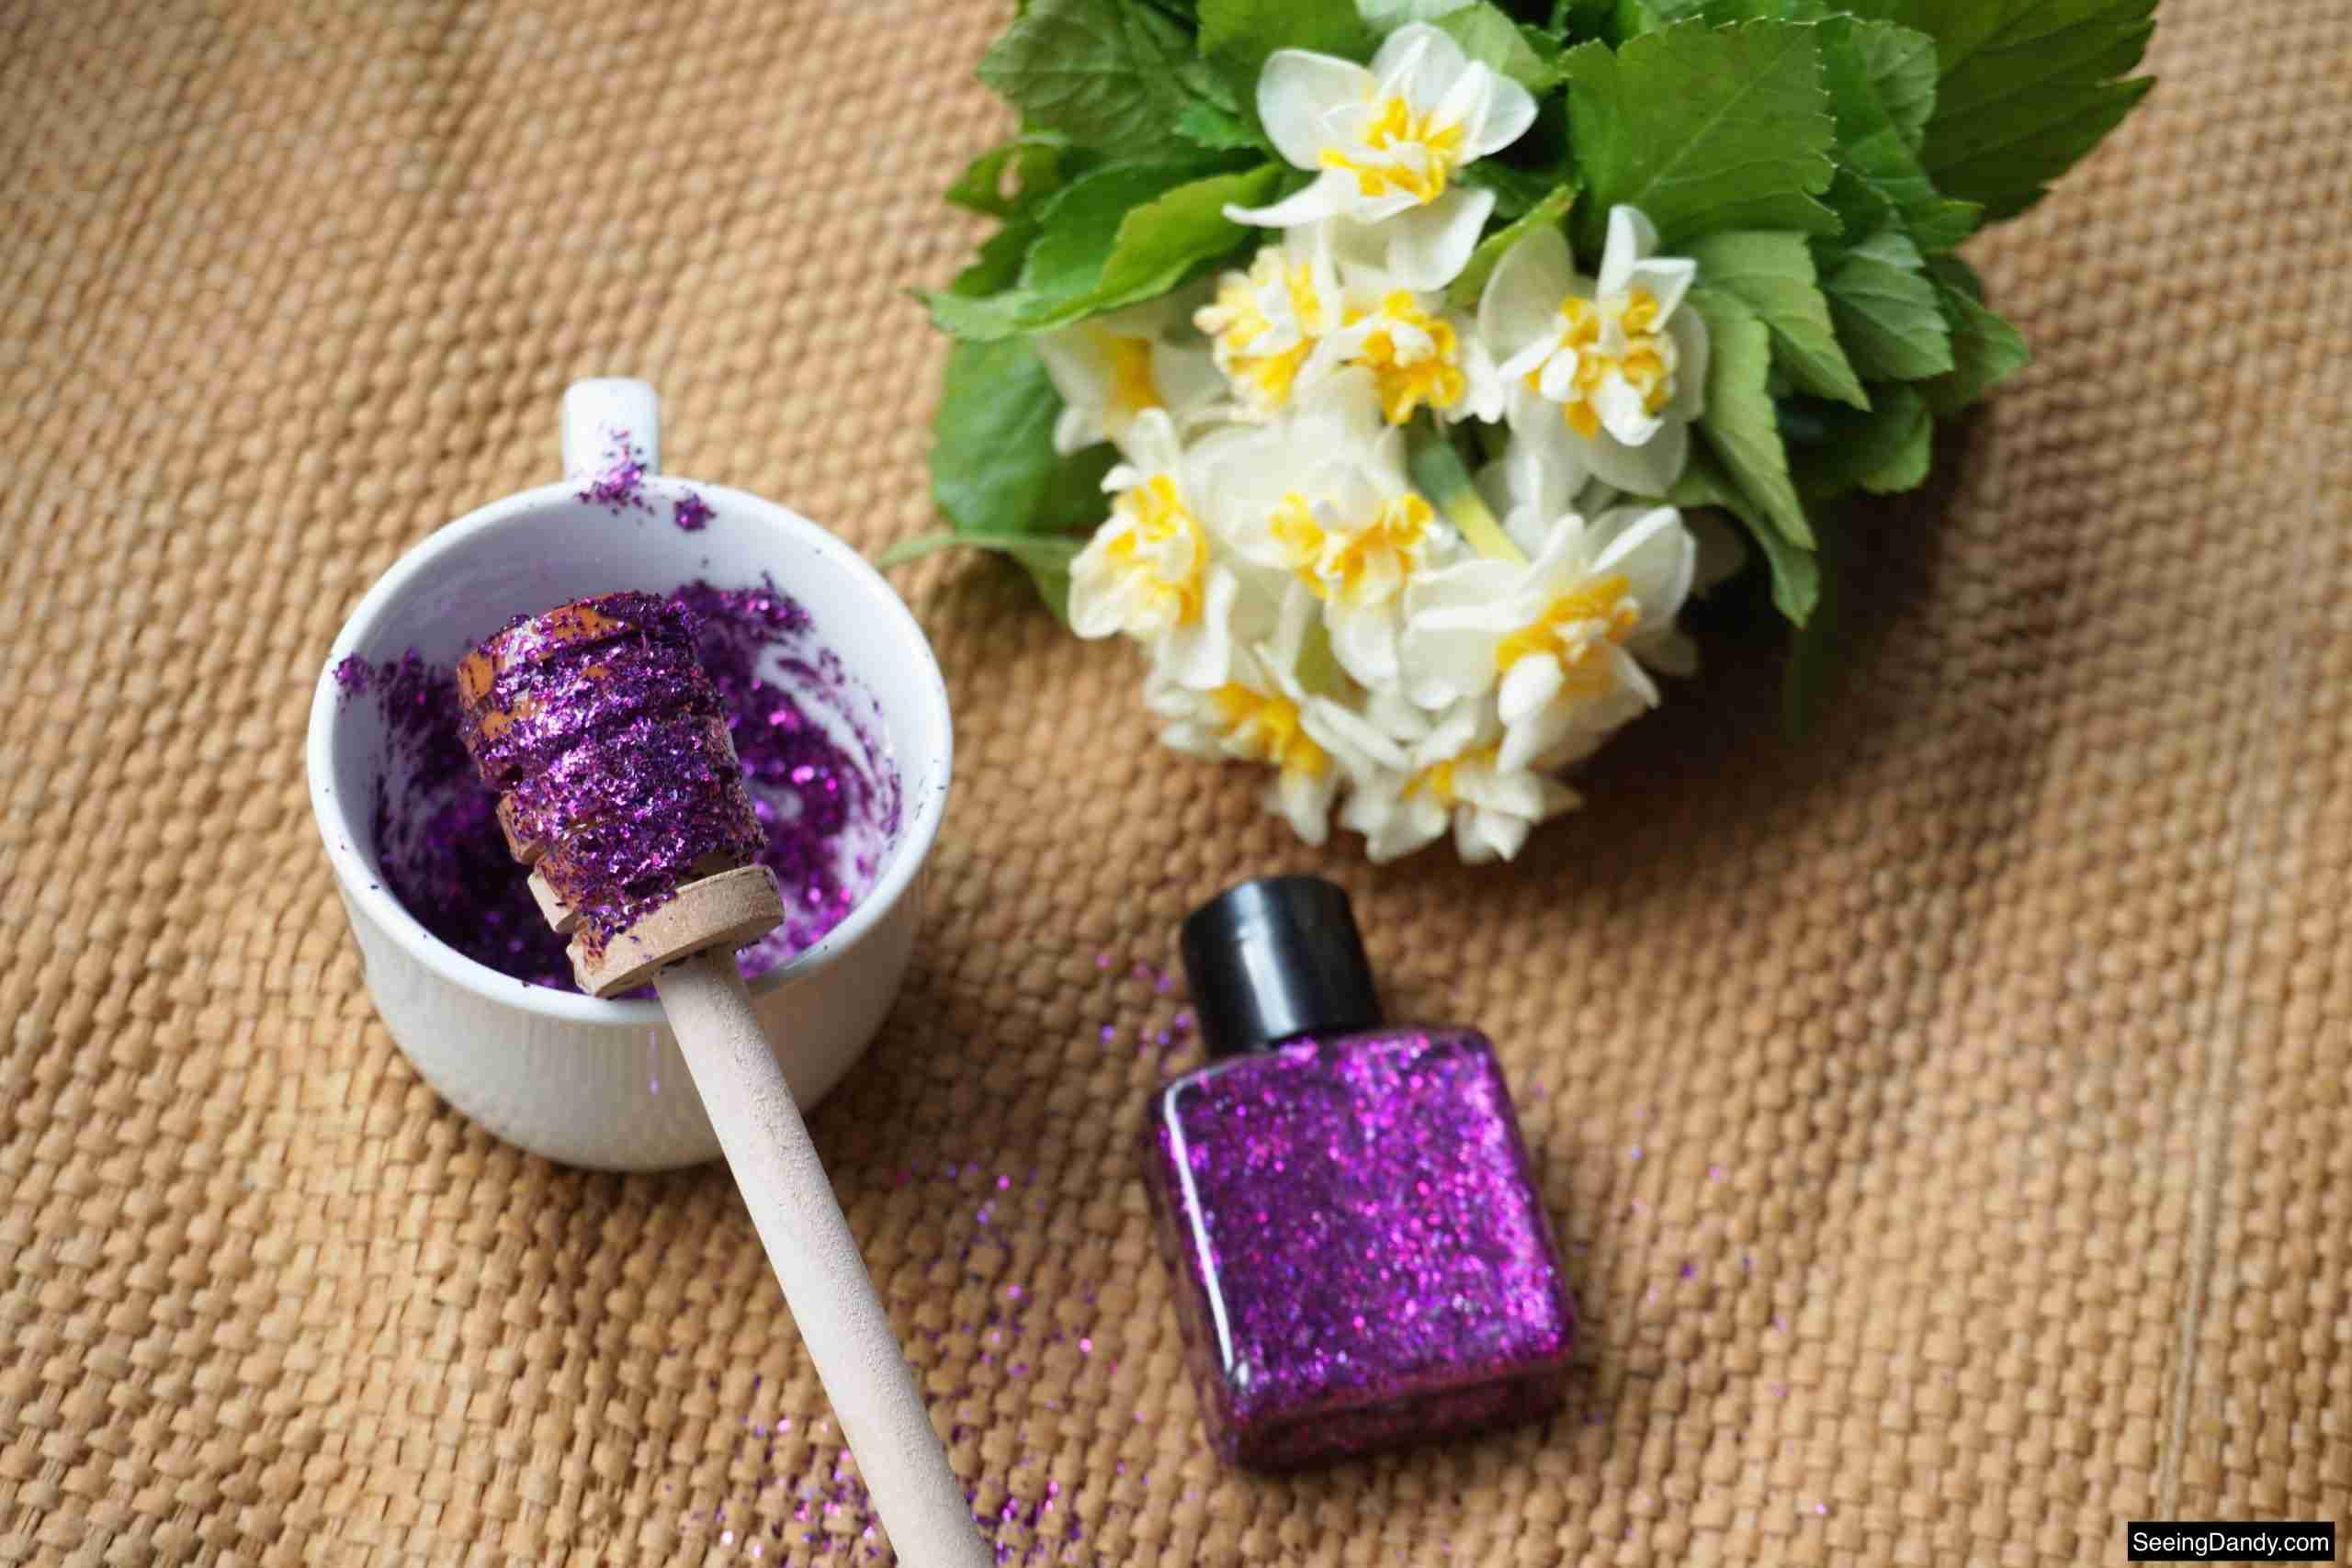 honey dipper stick, jute rug, white tea cup, purple glitter, body glitter recipe, beauty recipe, makeup recipe